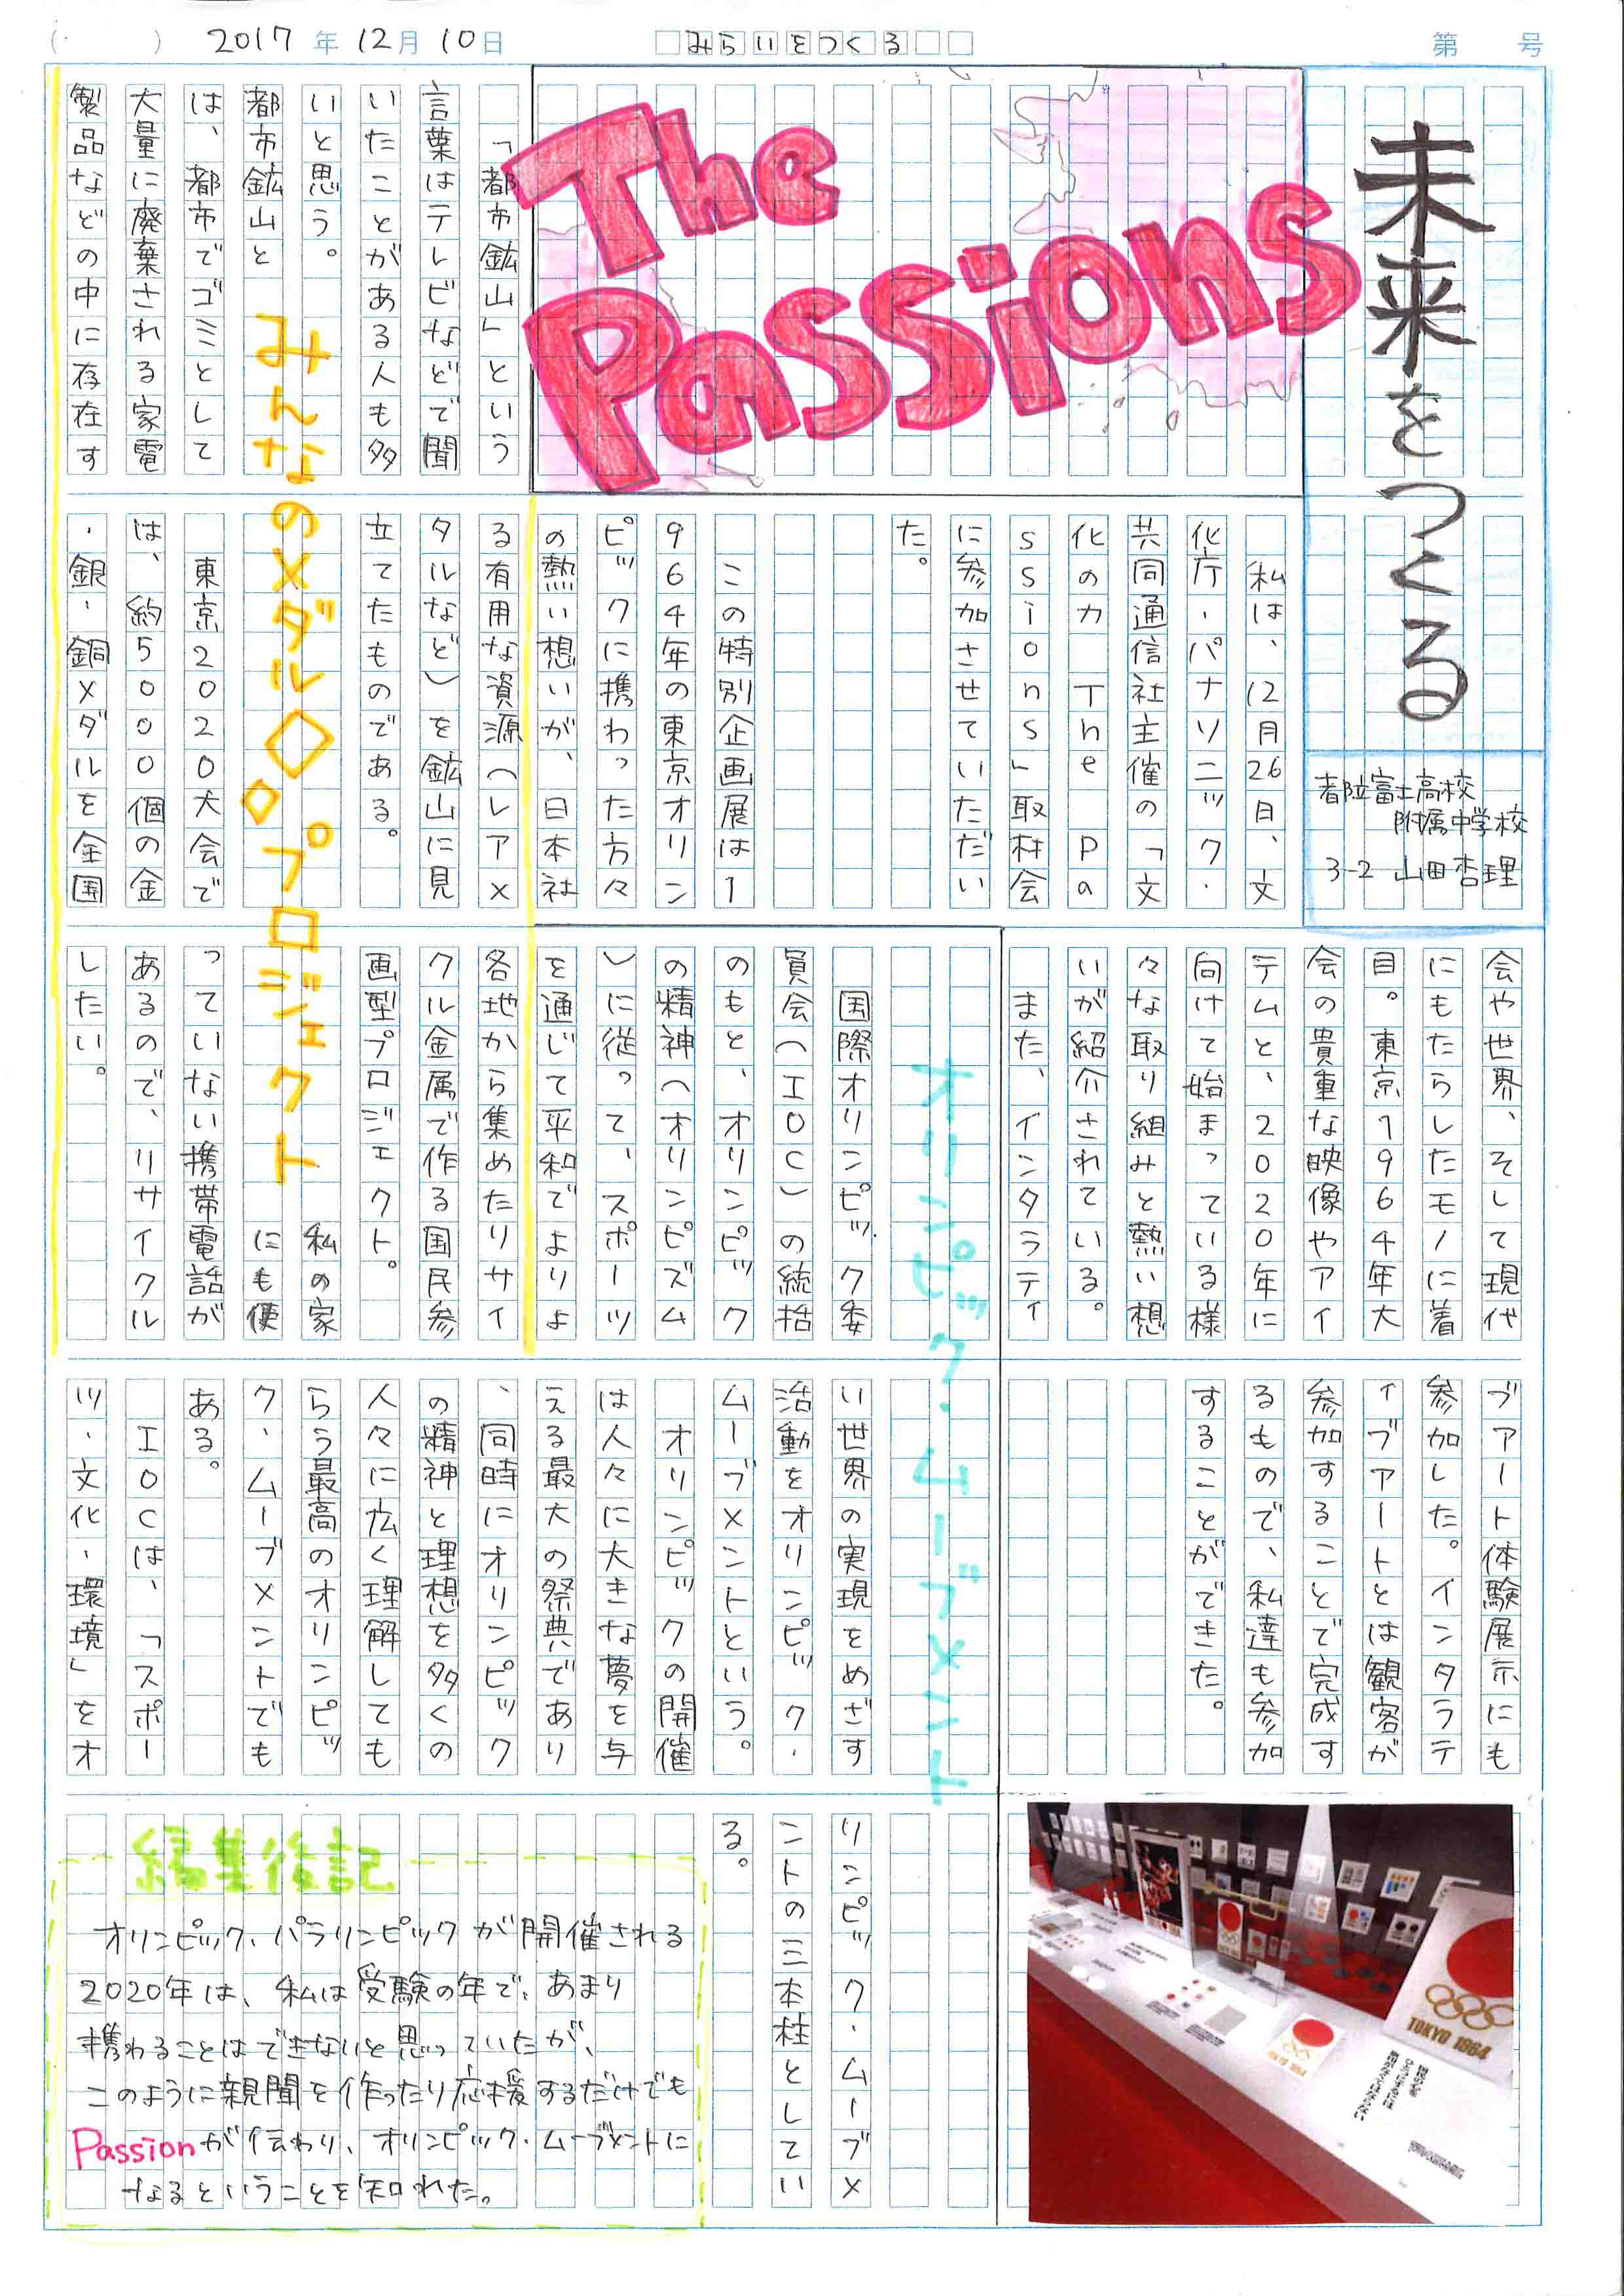 http://bunp.47news.jp/event/images/e_mirai_yamada1711.jpg